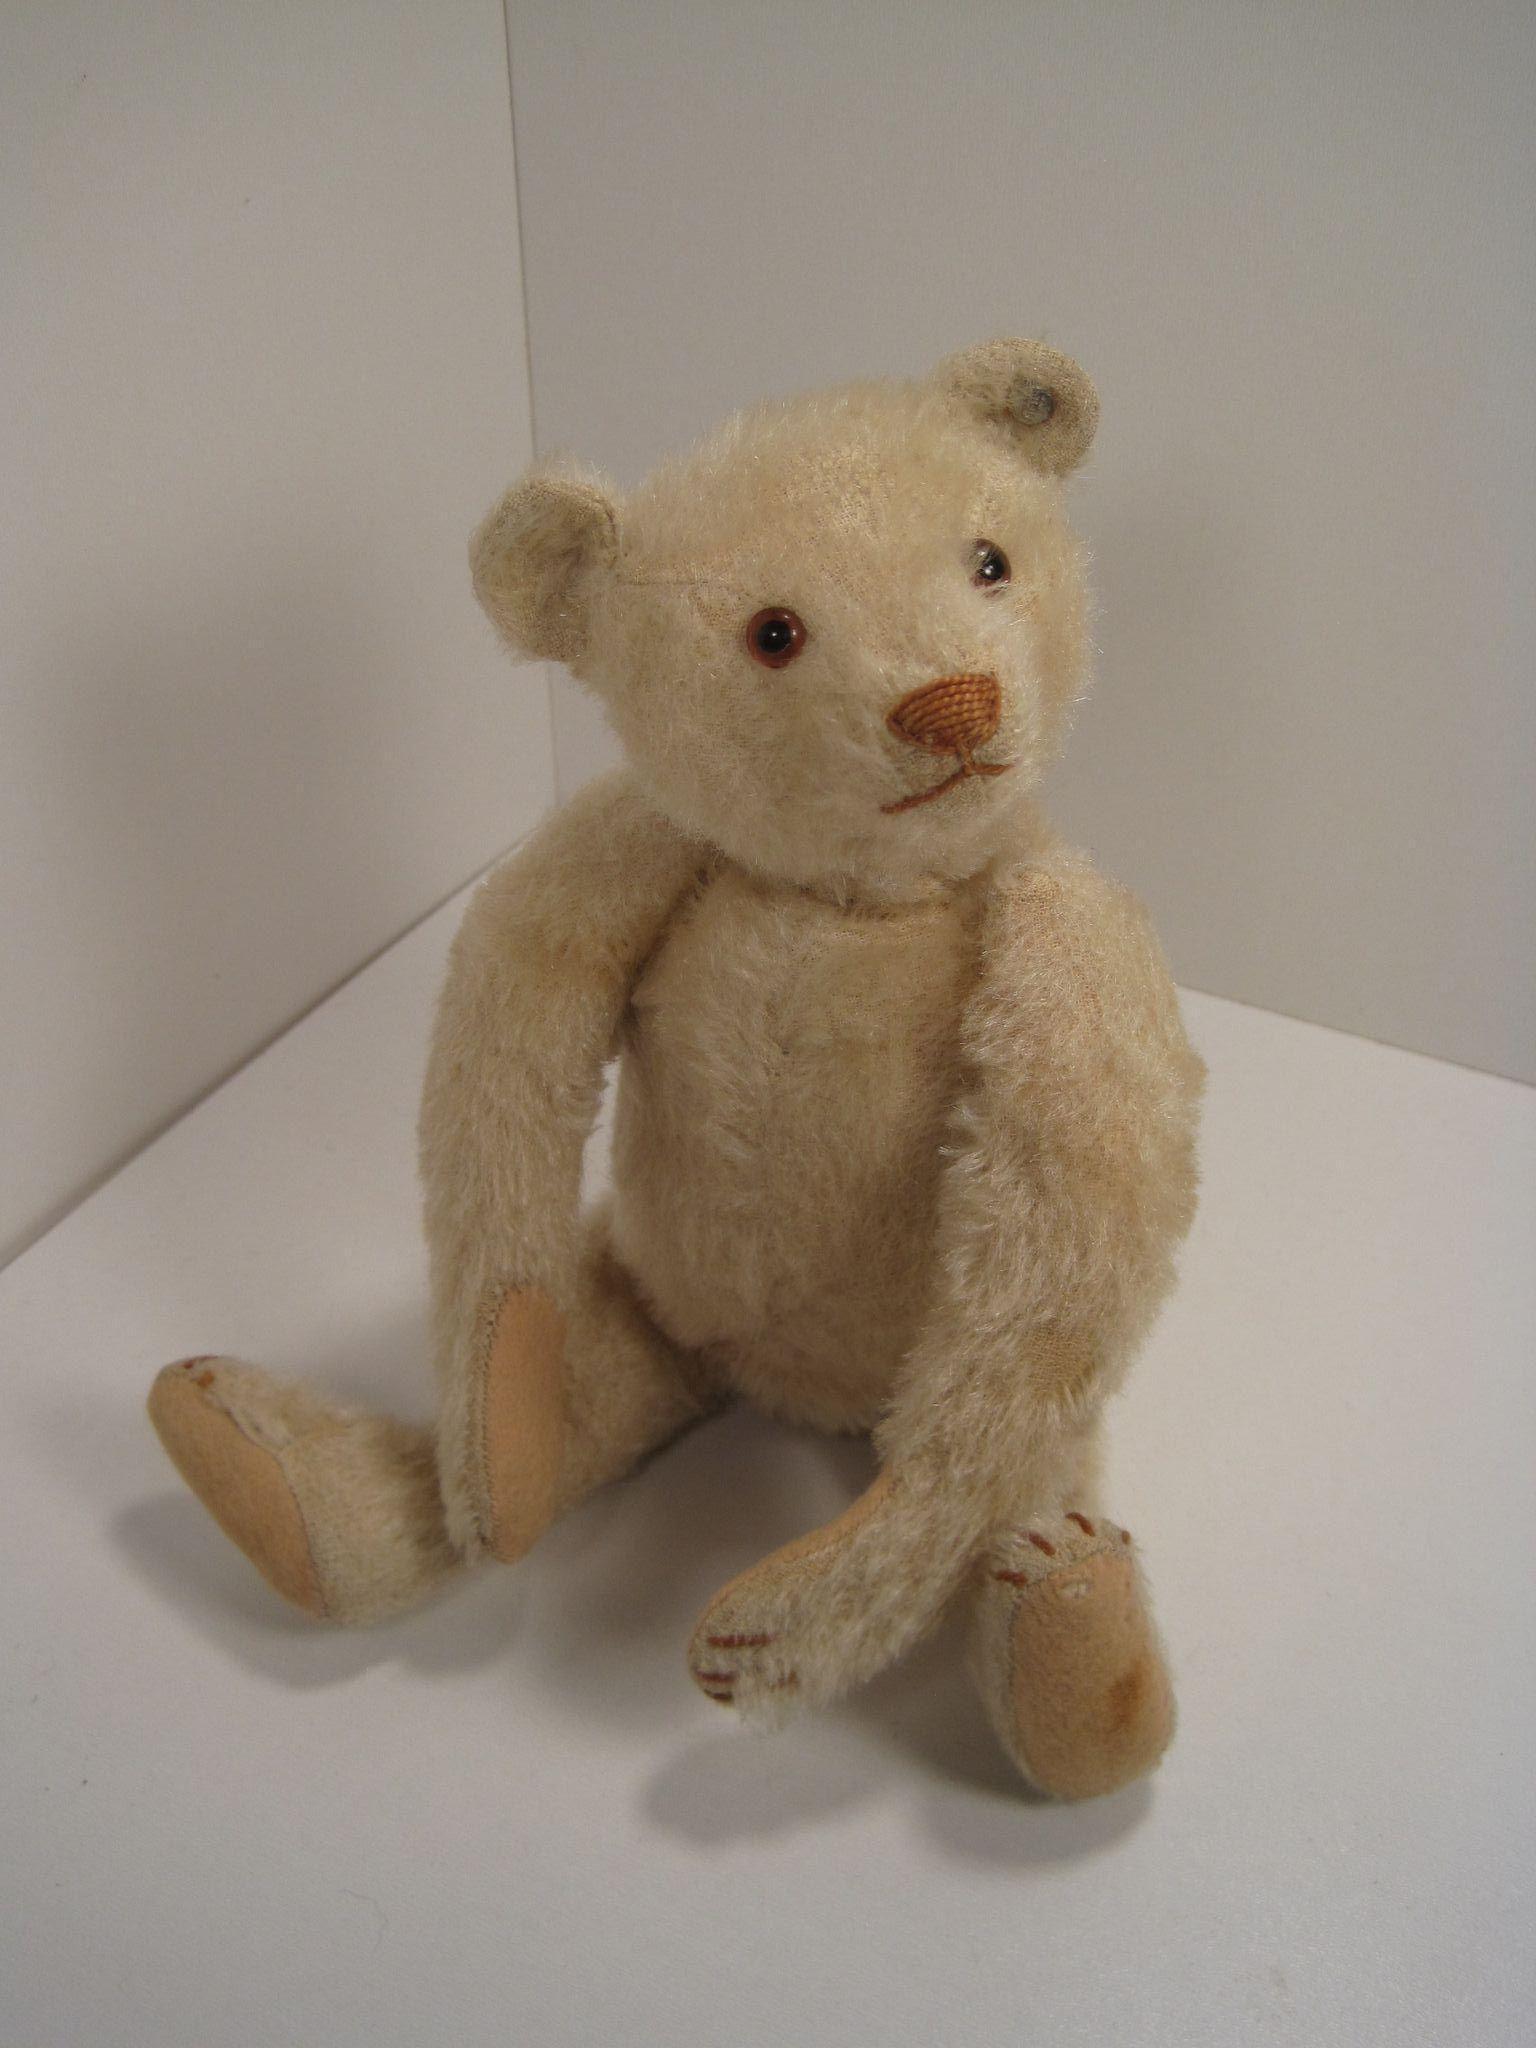 Steiff S Irresistible Late 1920 S Era Small White Teddy Bear With Id Teddy Bear Toys Teddy Bear White Teddy Bear [ 2048 x 1536 Pixel ]